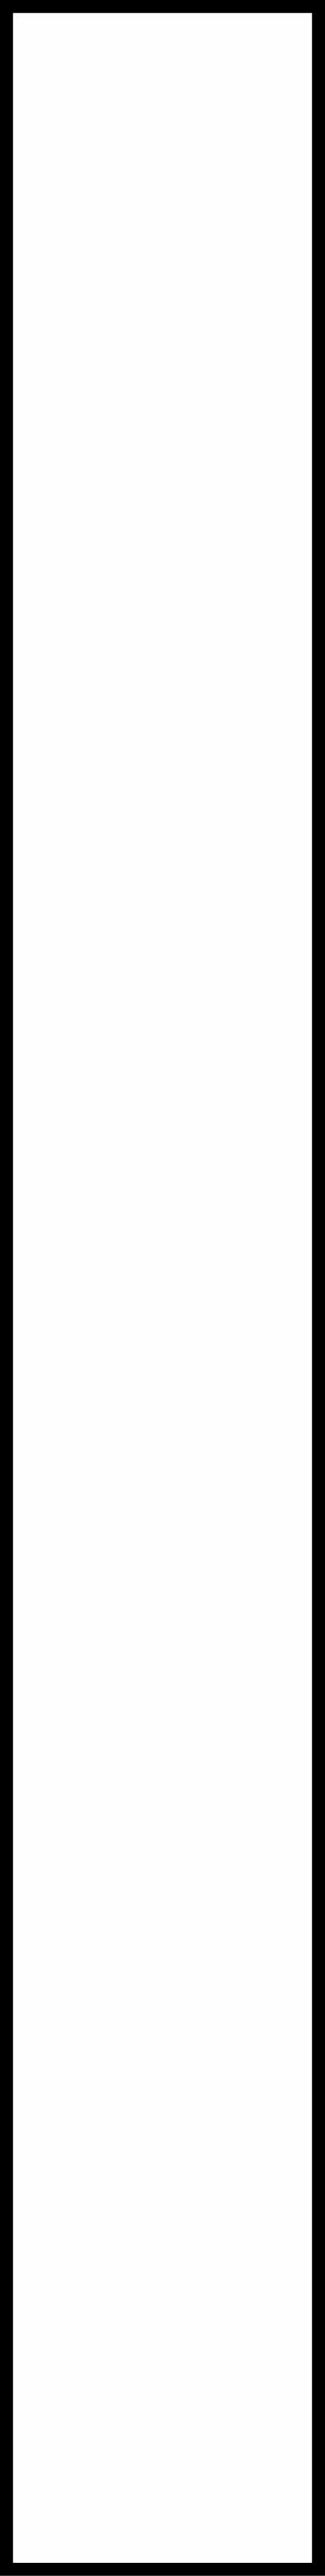 Letra L - minúscula para imprimir